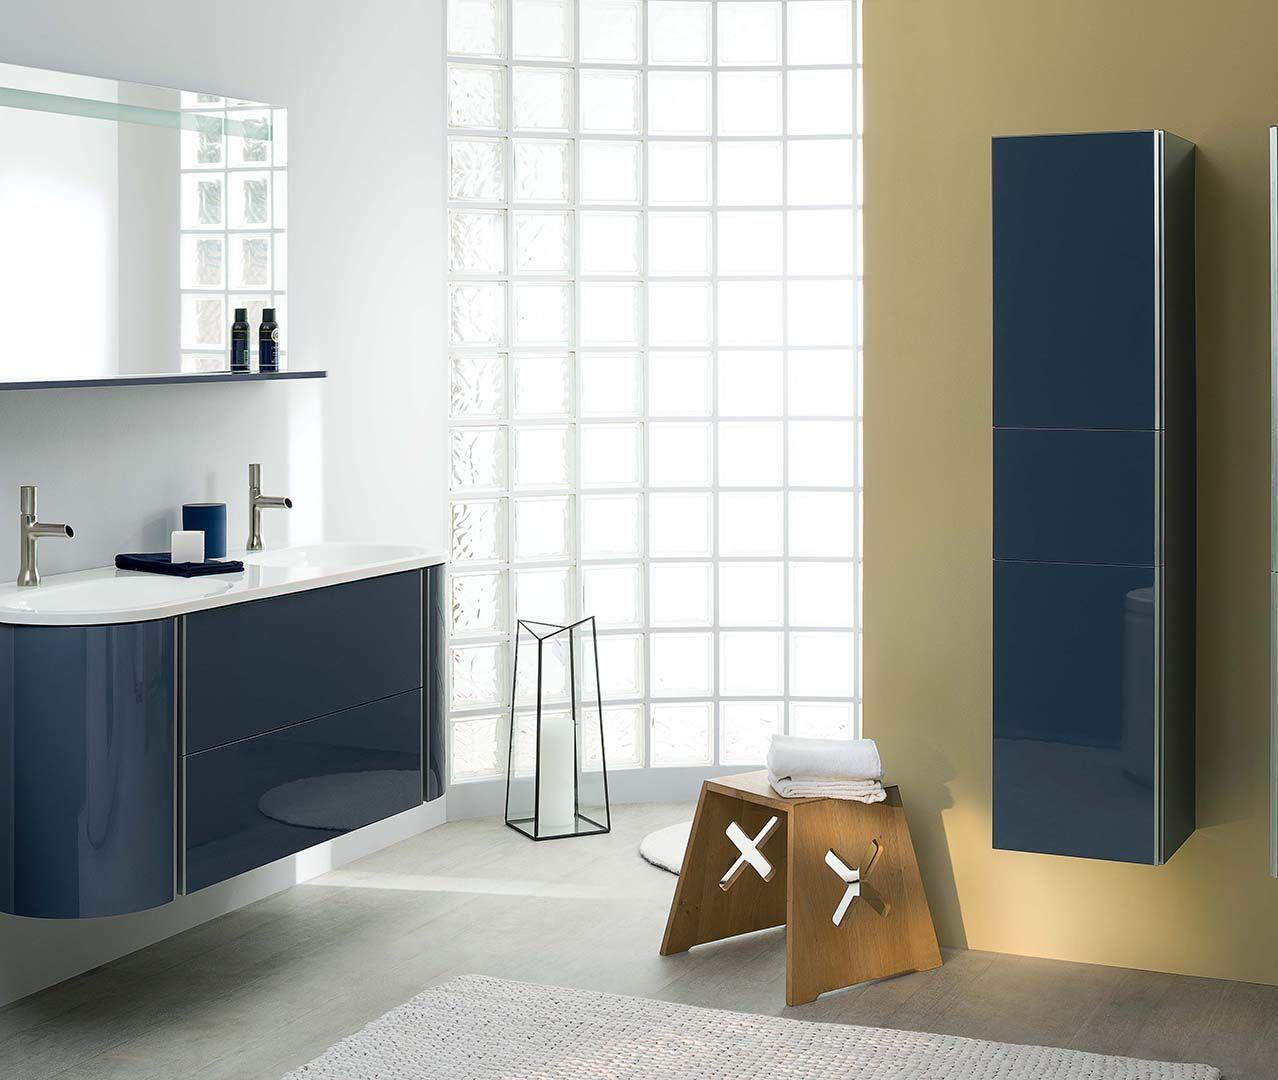 Choisissez un meuble-vasque bleu foncé galaxy pour votre ...